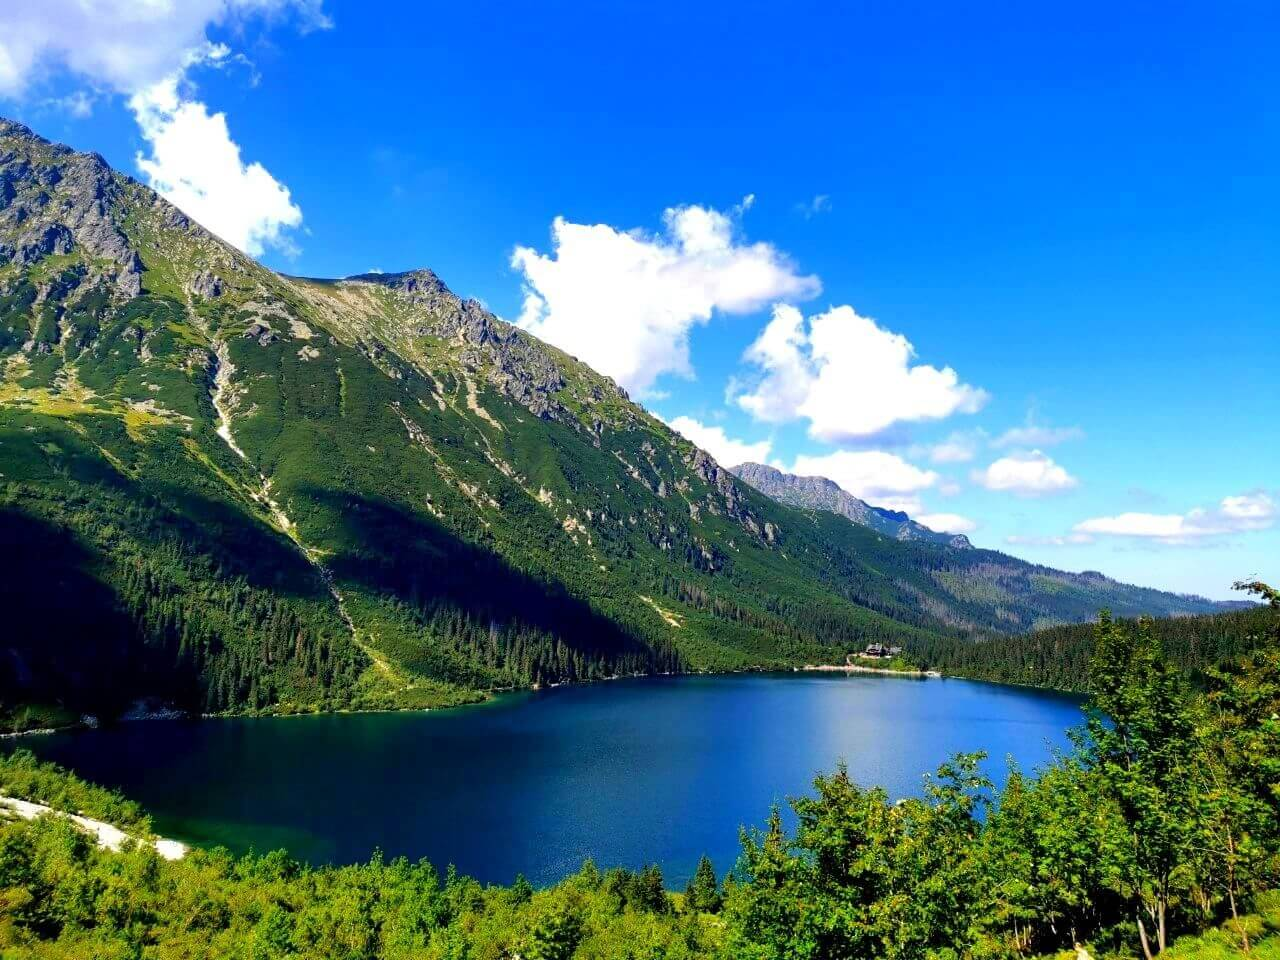 Widok na jezioro w Polskich Tatarach